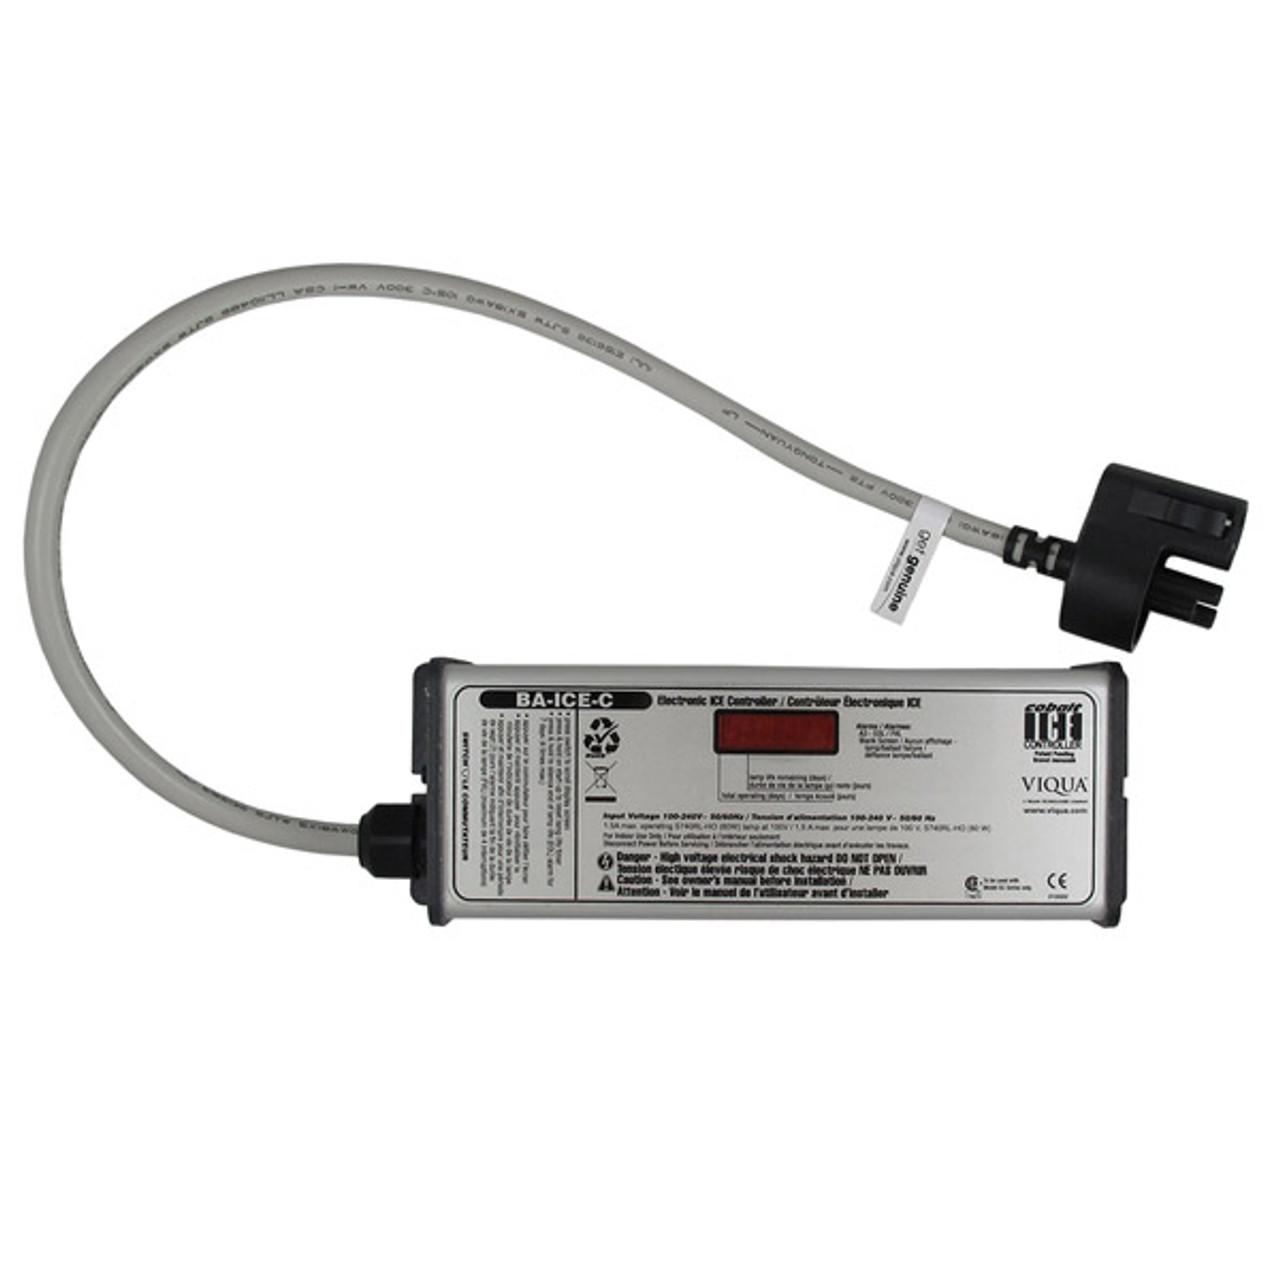 The Sterilight BA-ICE-C Controller/Ballast for Cobalt Models 100-240V